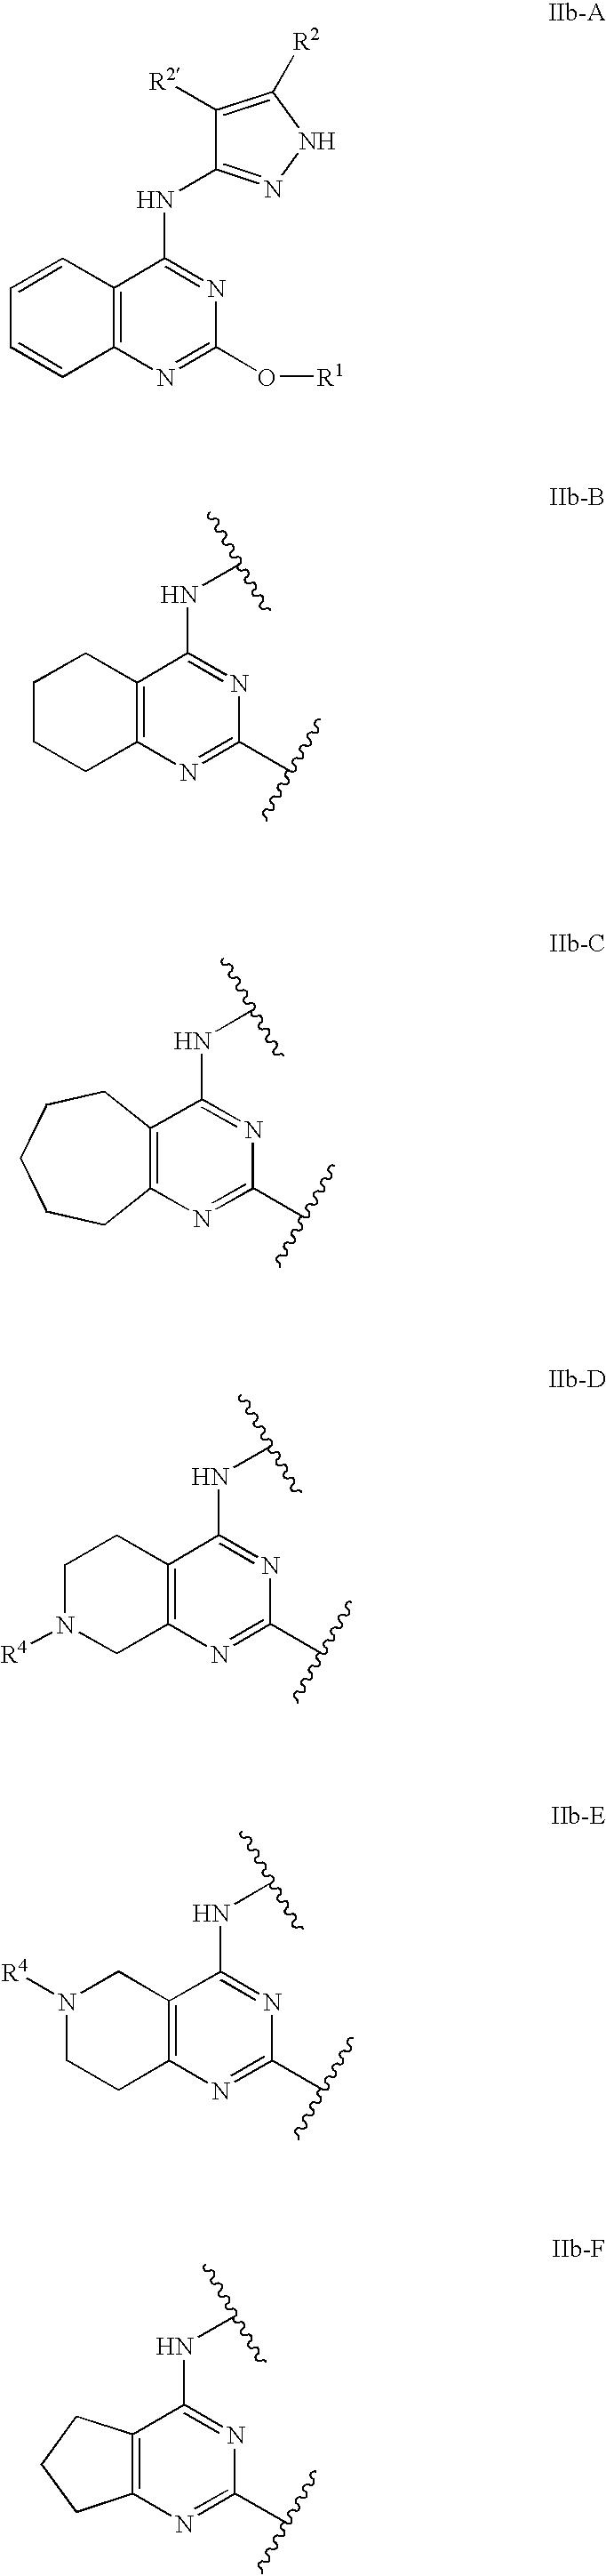 Figure US07531536-20090512-C00095